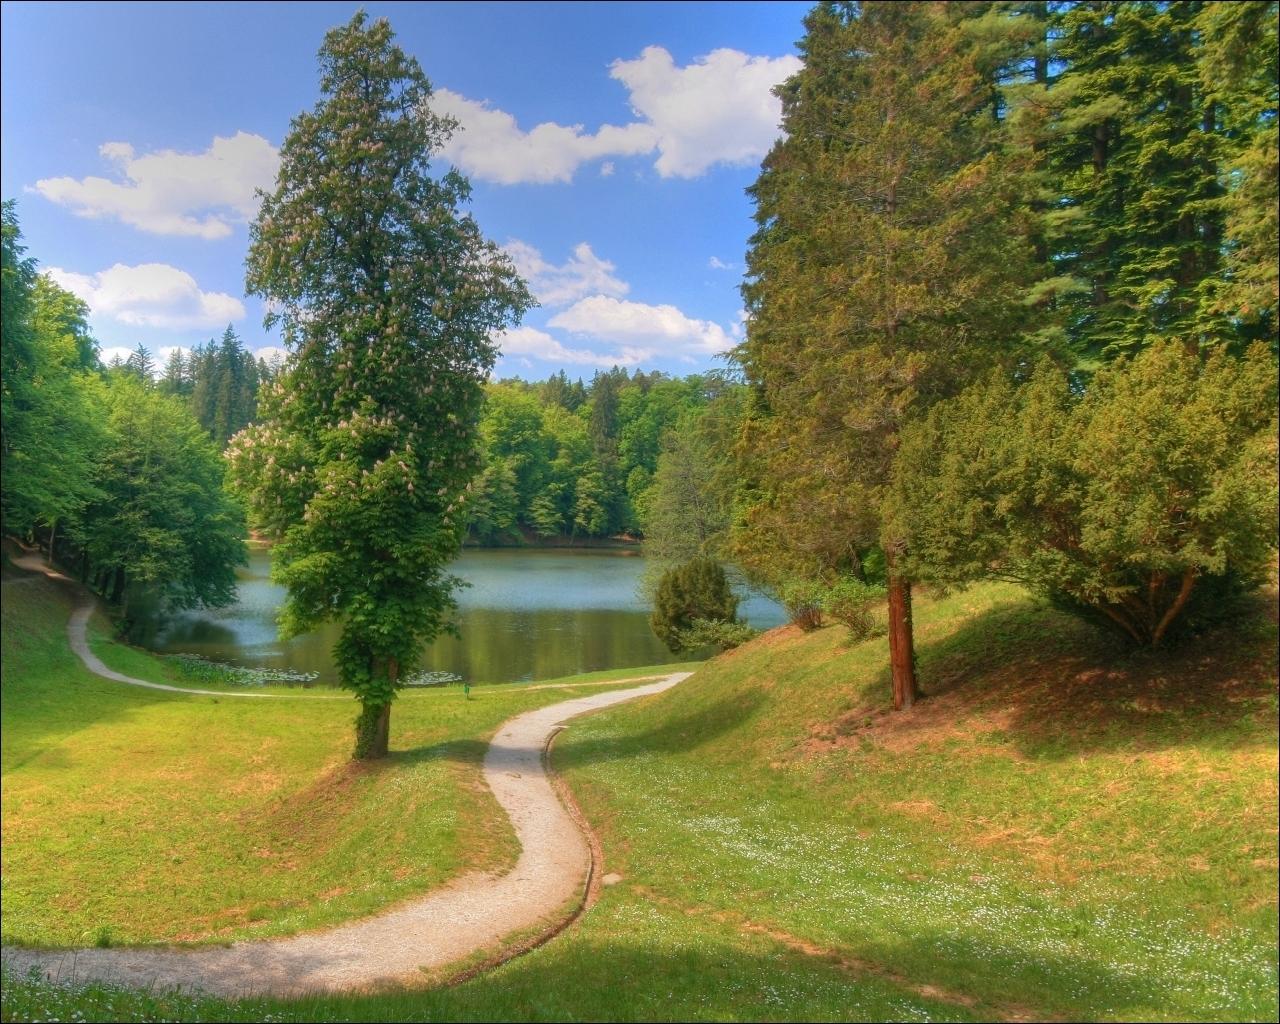 природа россии фото весна лето